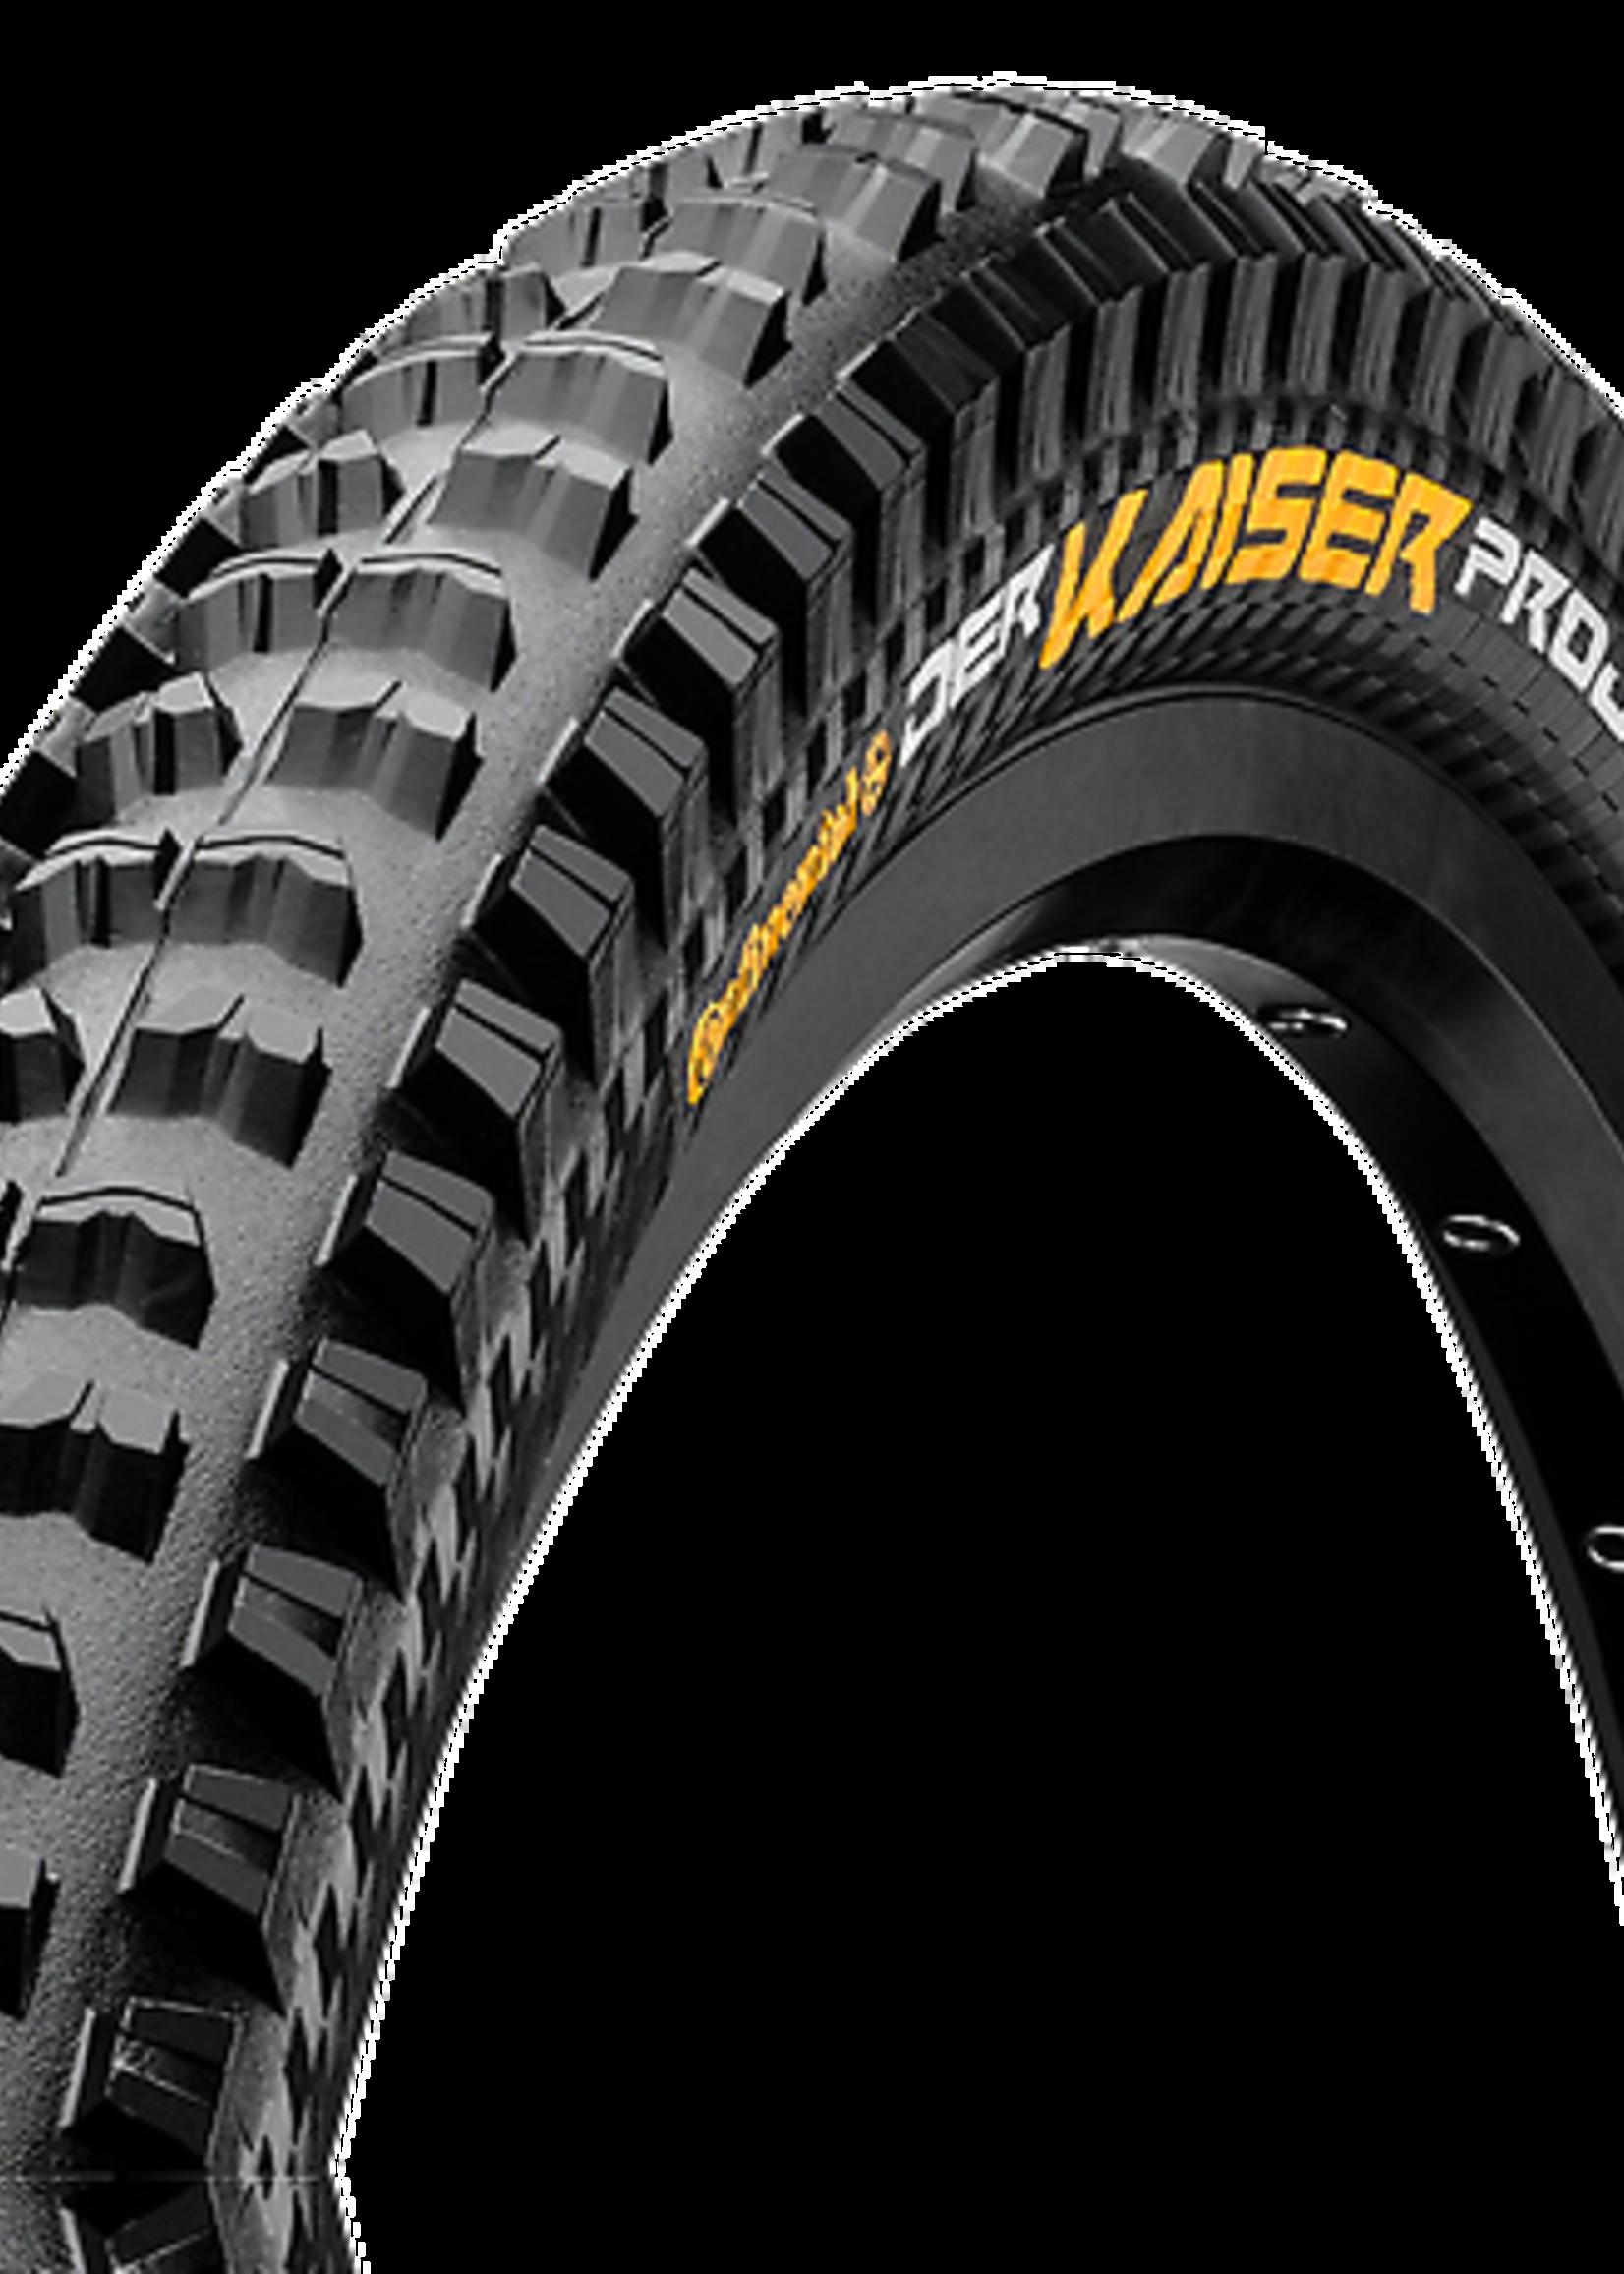 Kaiser Tires 2.4